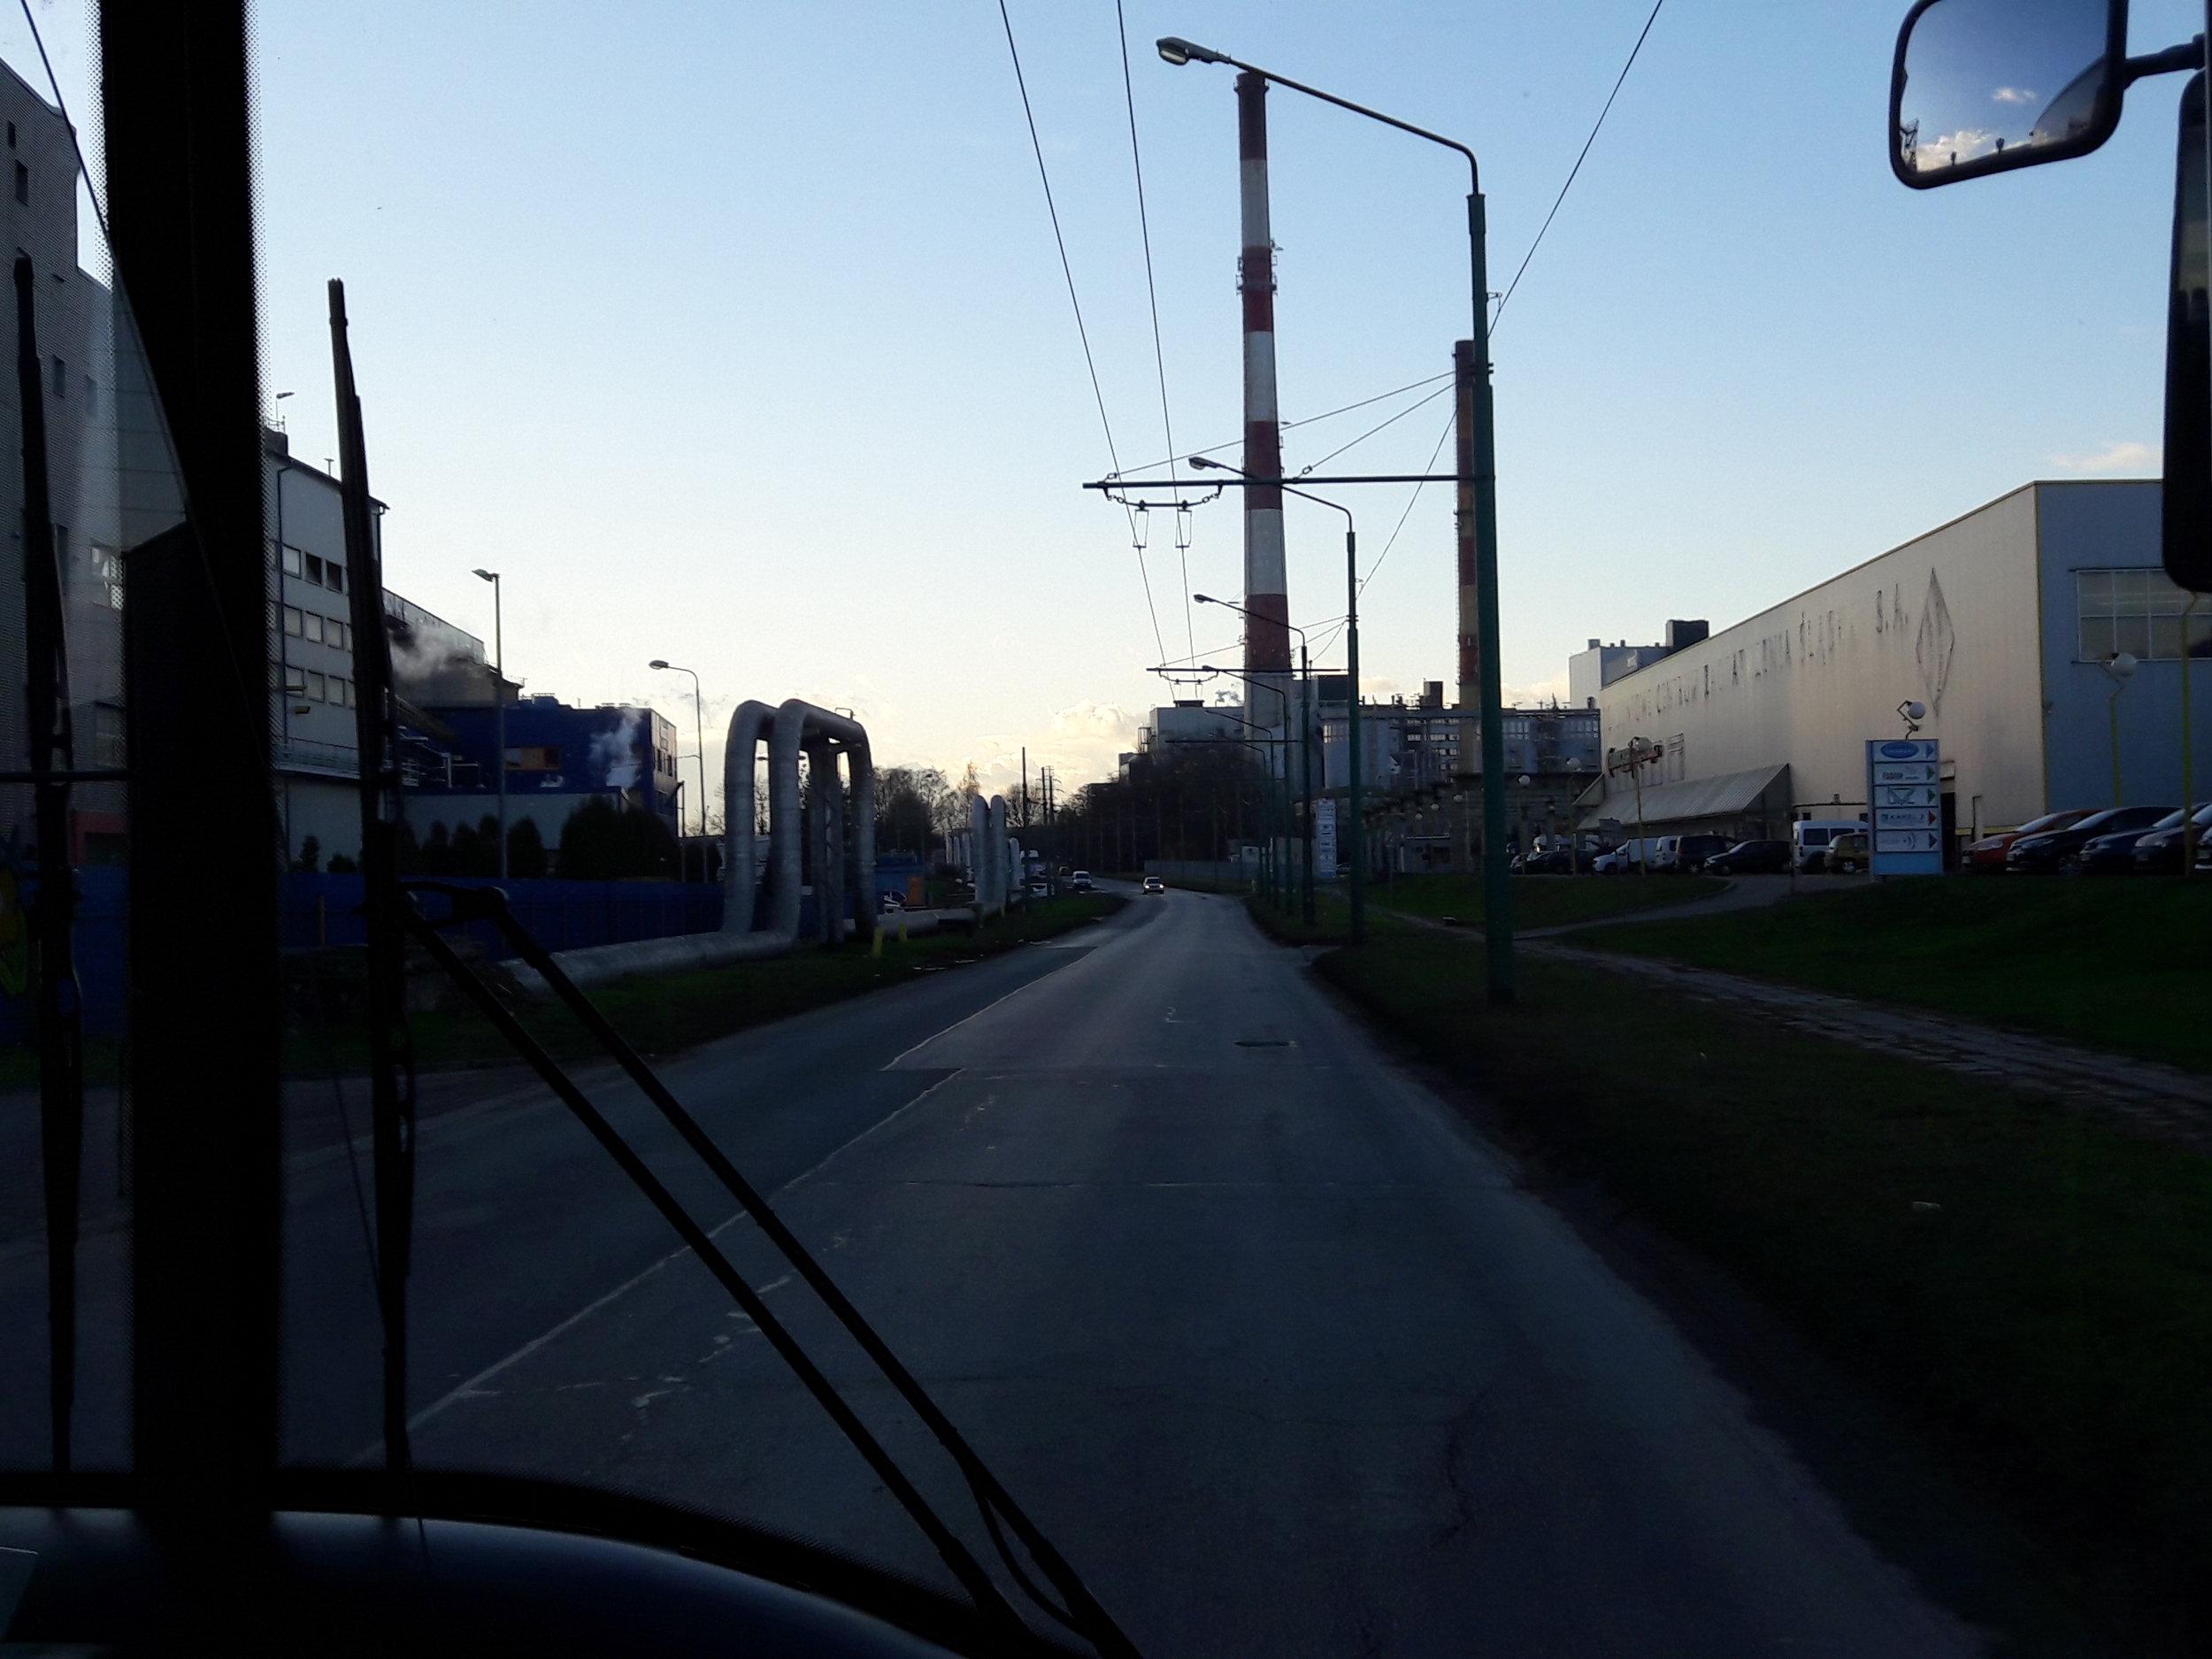 Cesta trolejbusem na linkách A, C a D nabízí i tento pohled. Zde u zastávky Przemysłowa II.